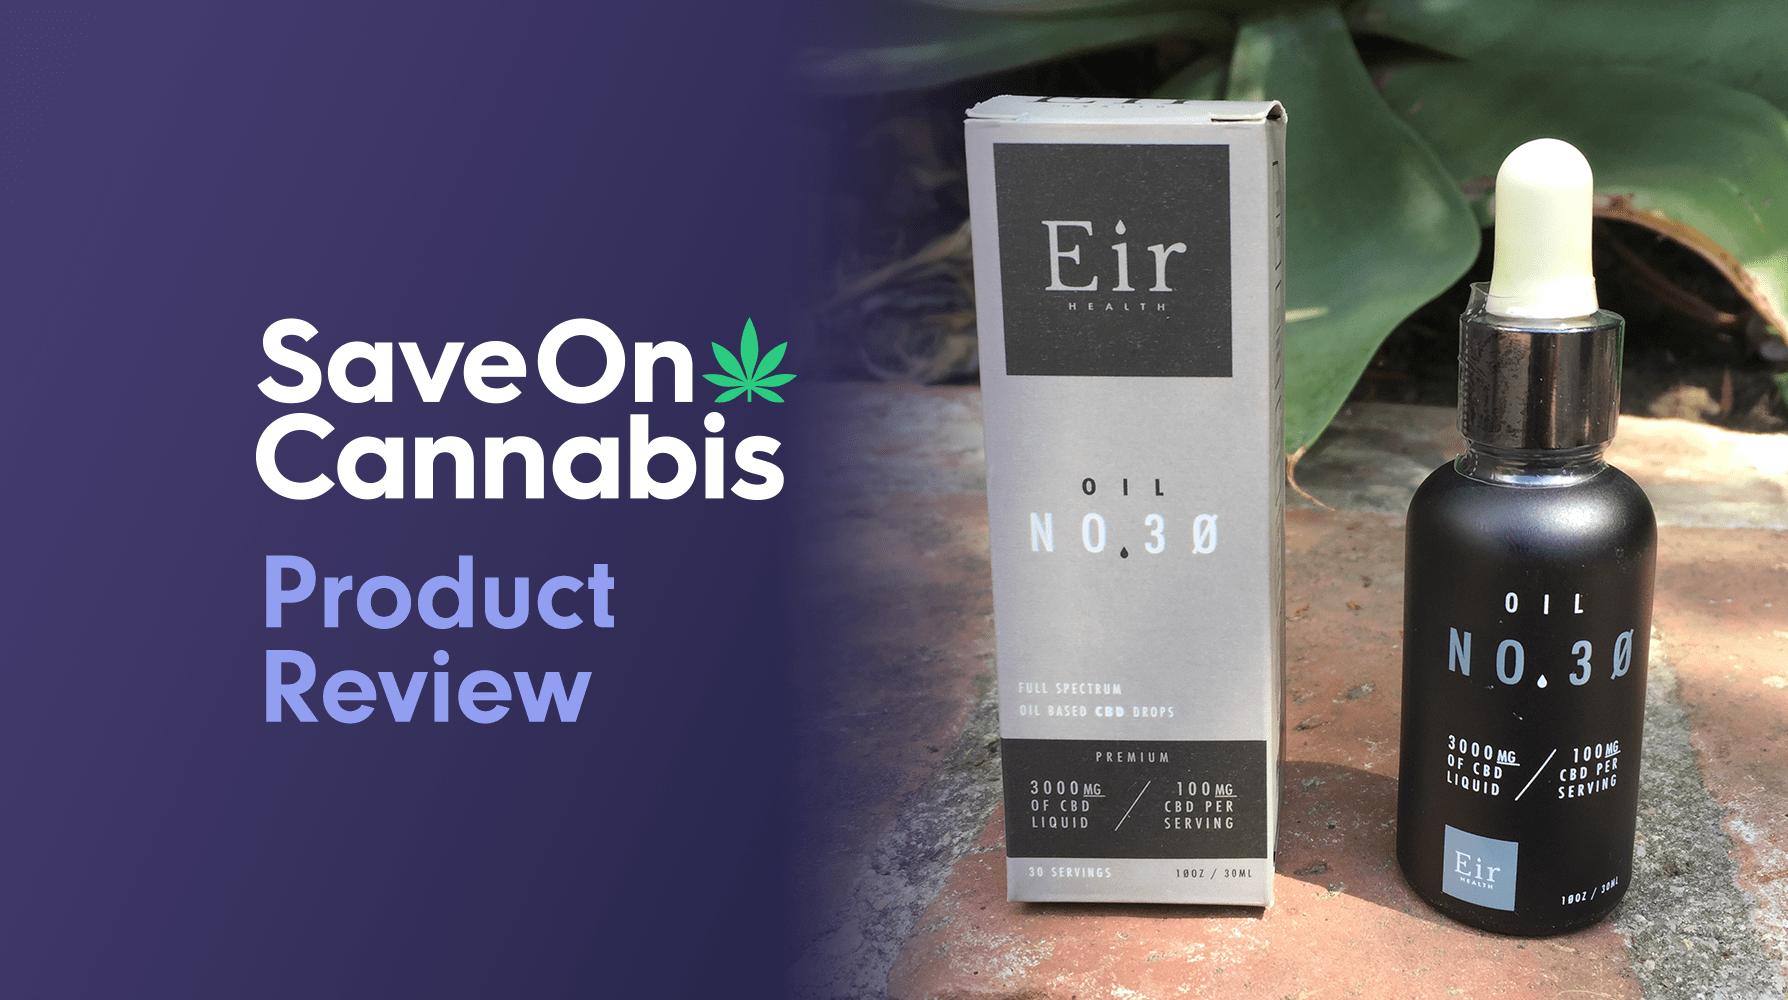 eir health cbd oil 3000 mg review save on cannabis website